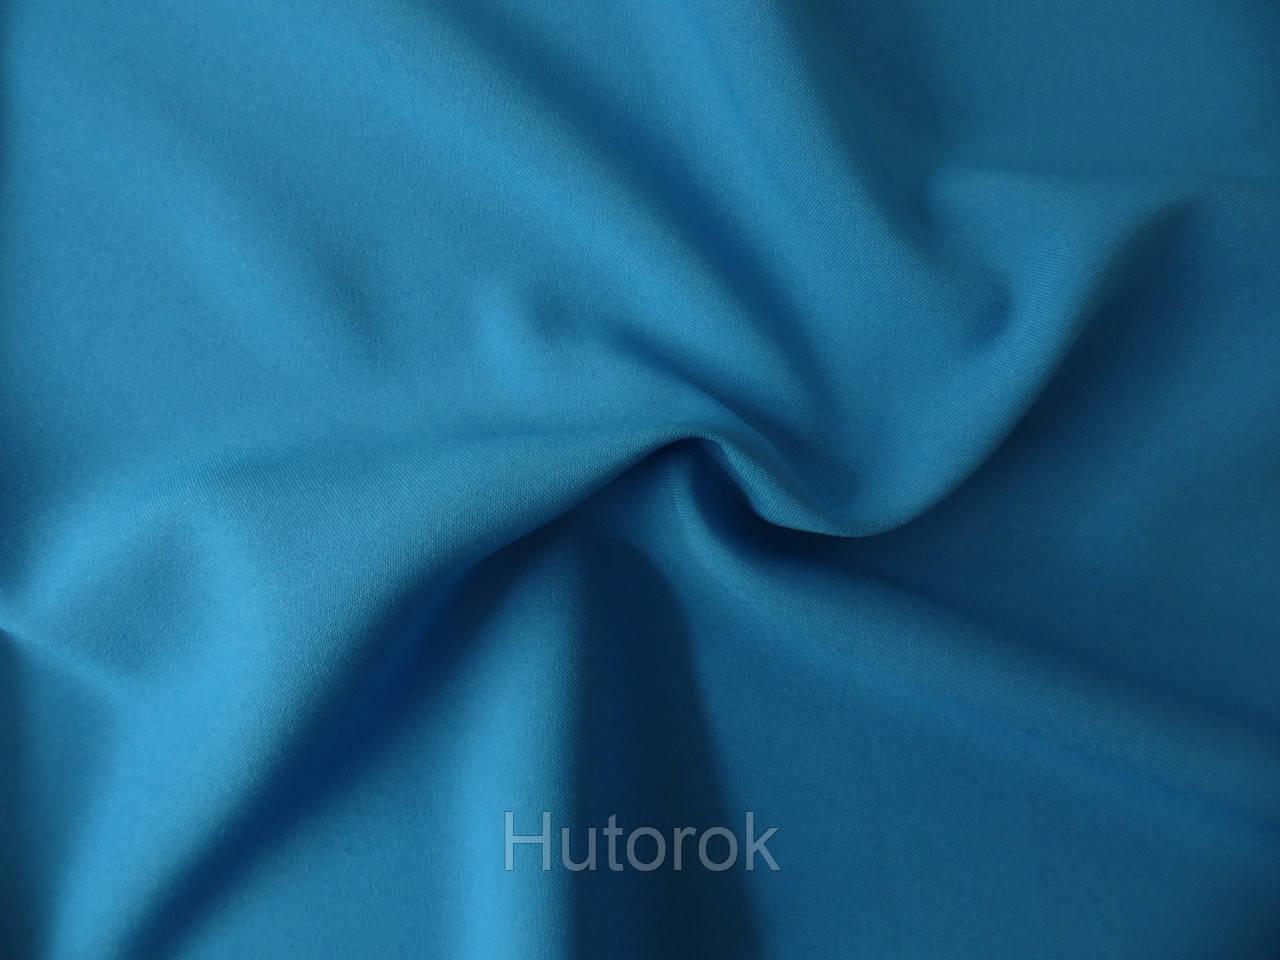 Габардин (бирюза голубая)